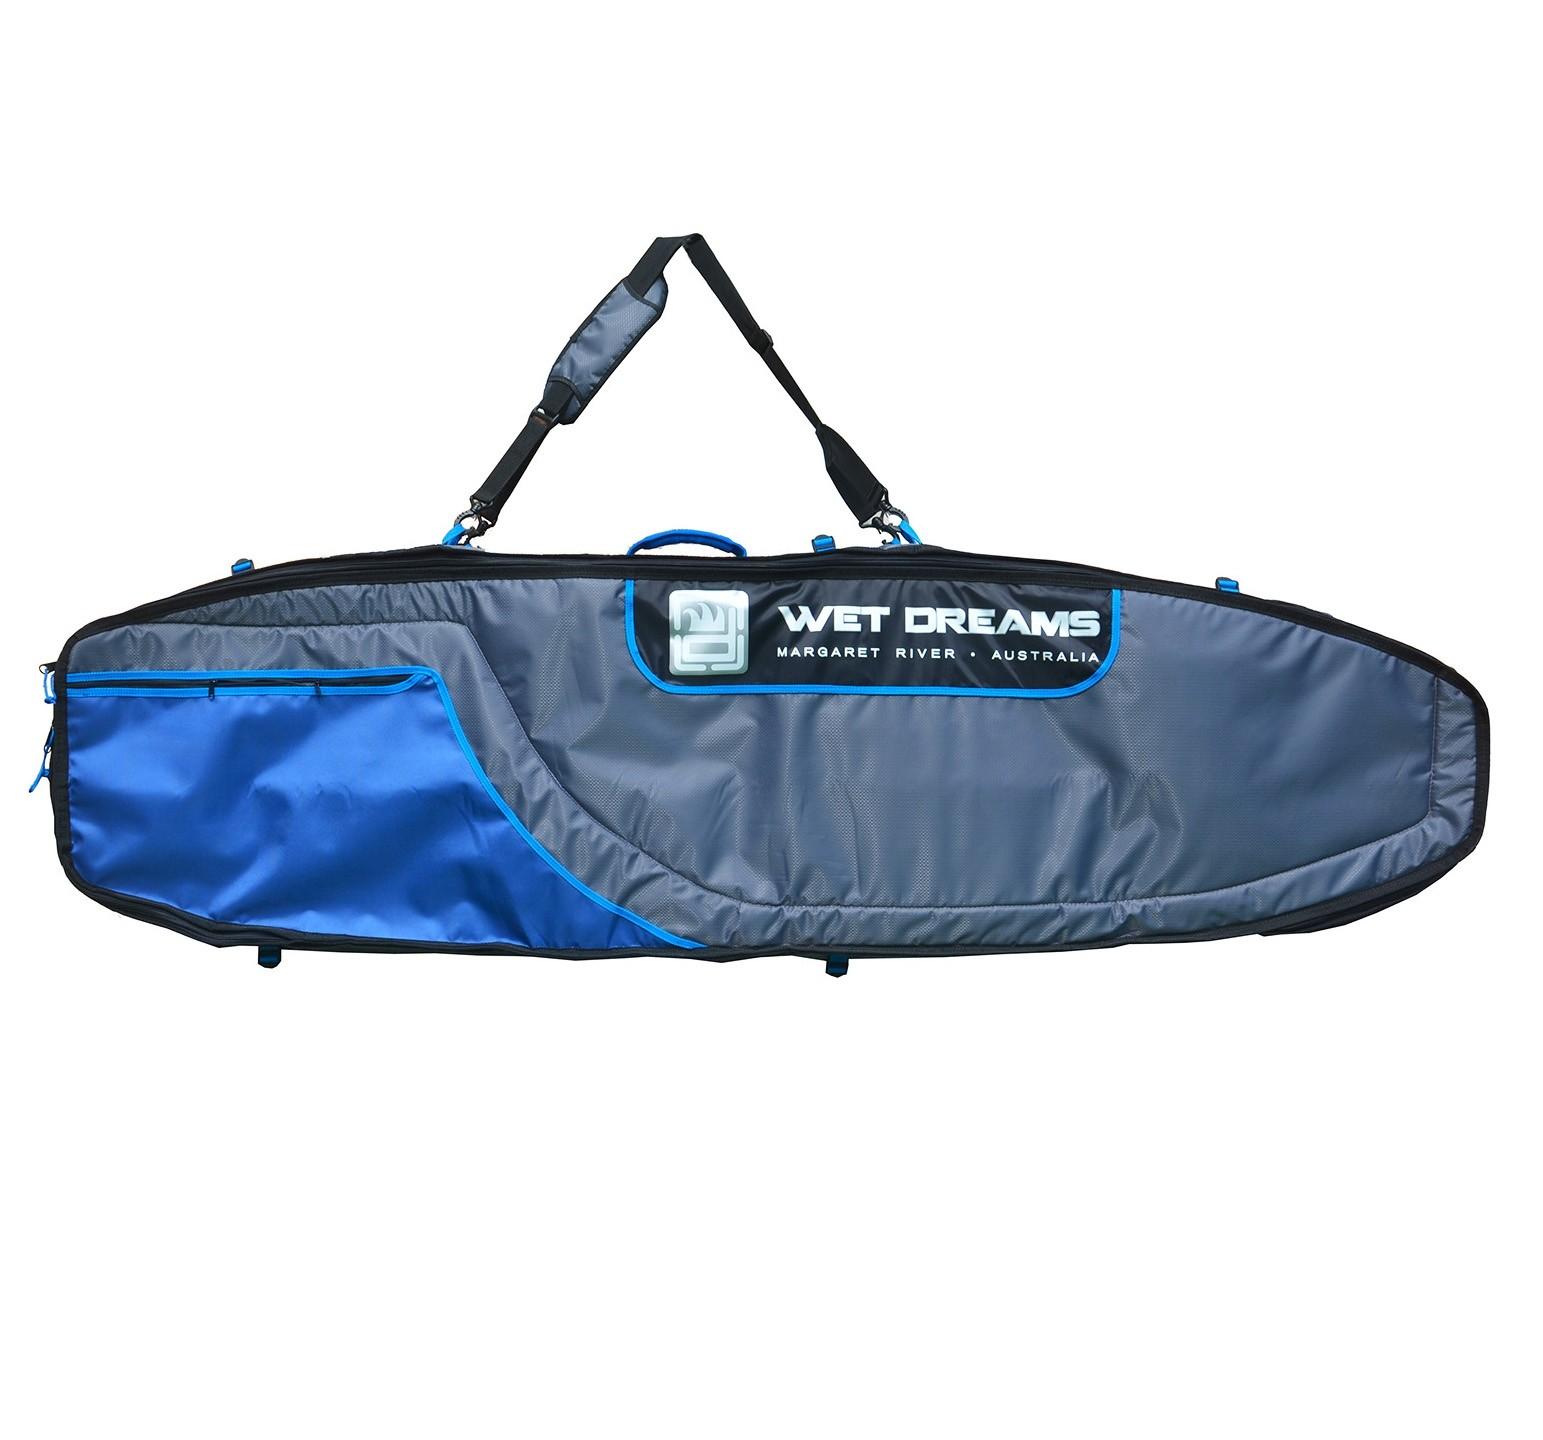 Sarcófago para 3 pranchas de Surf 6'0'' - 1,82m - Wet Dreams | Prancharia